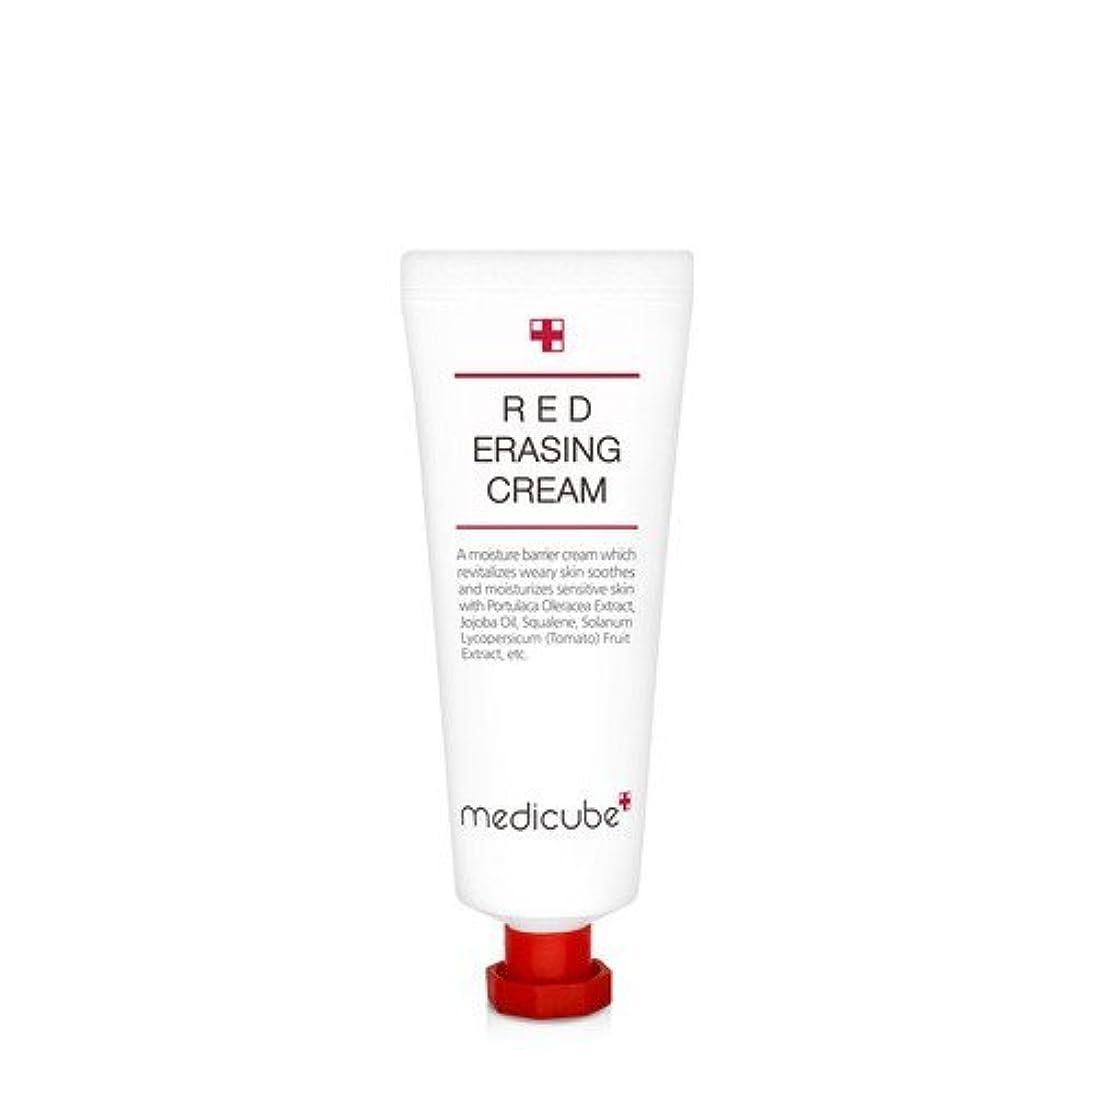 コンパススキッパー宿題[Medicube]Red Erasing Cream 50g / メディキューブレッドイレイジングクリーム / 正品?海外直送商品 [並行輸入品]